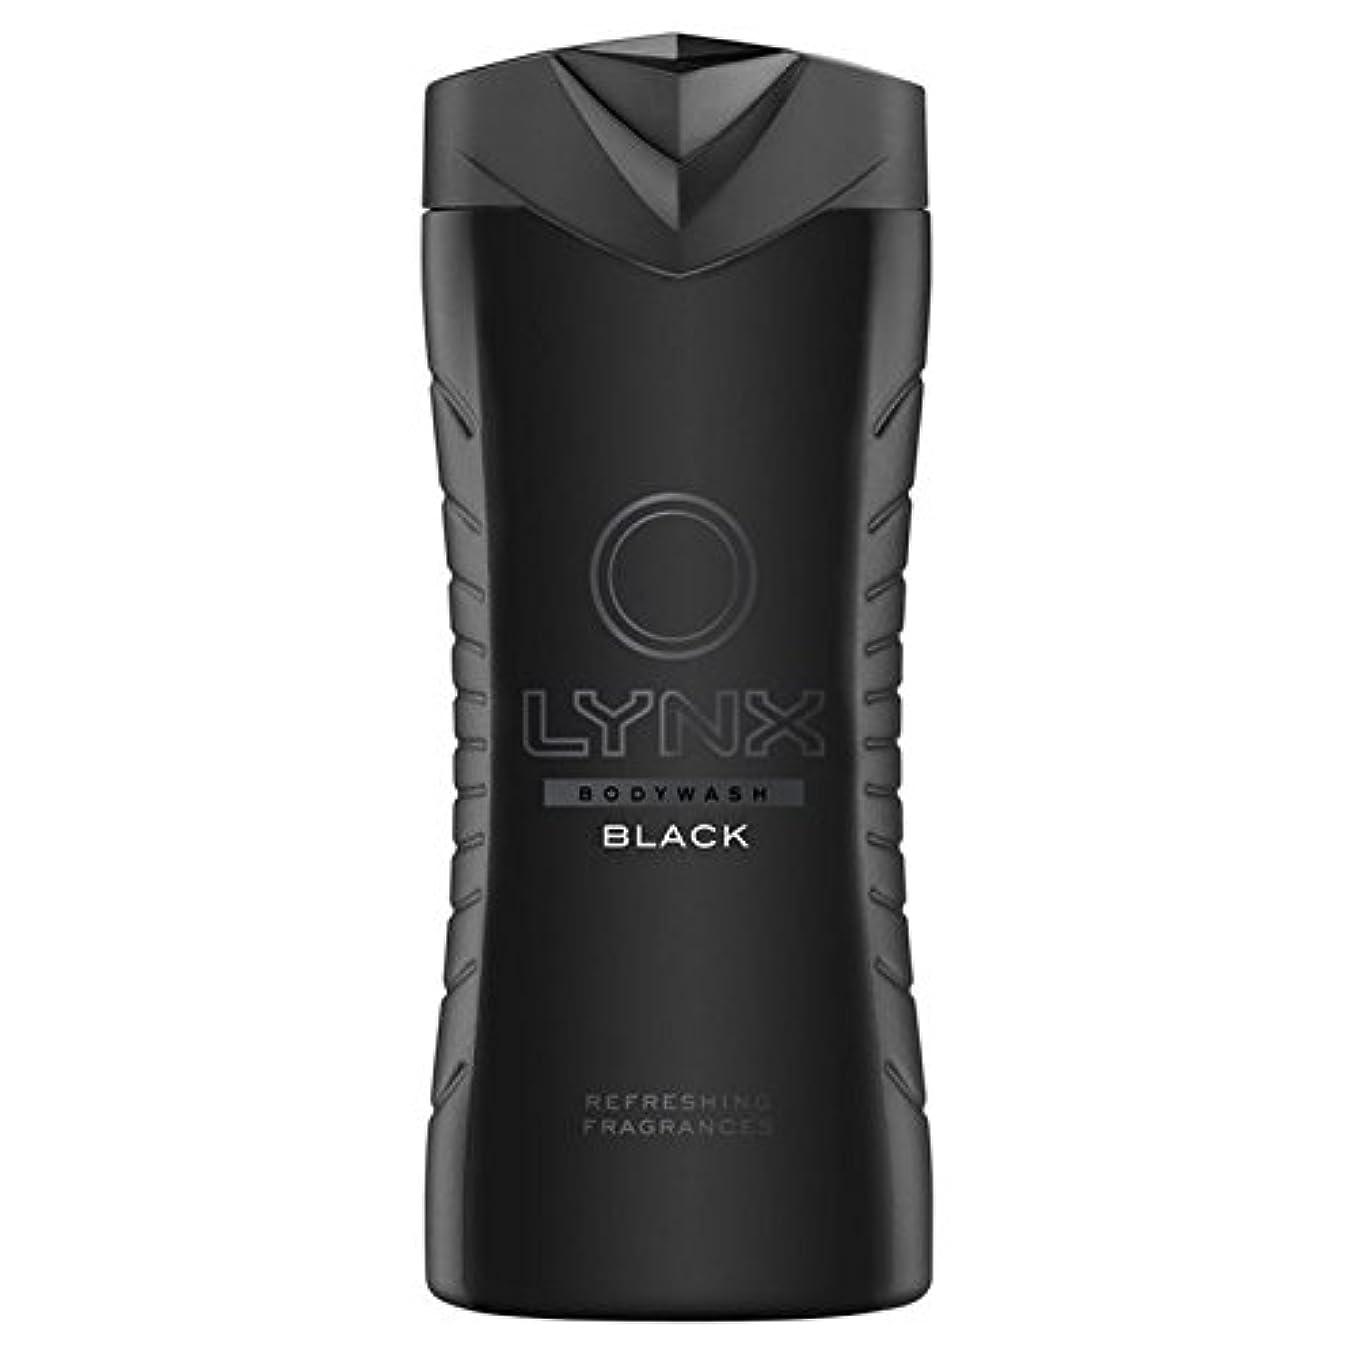 芸術的ステレオタイプ賭けオオヤマネコブラックシャワージェル400ミリリットル x2 - Lynx Black Shower Gel 400ml (Pack of 2) [並行輸入品]